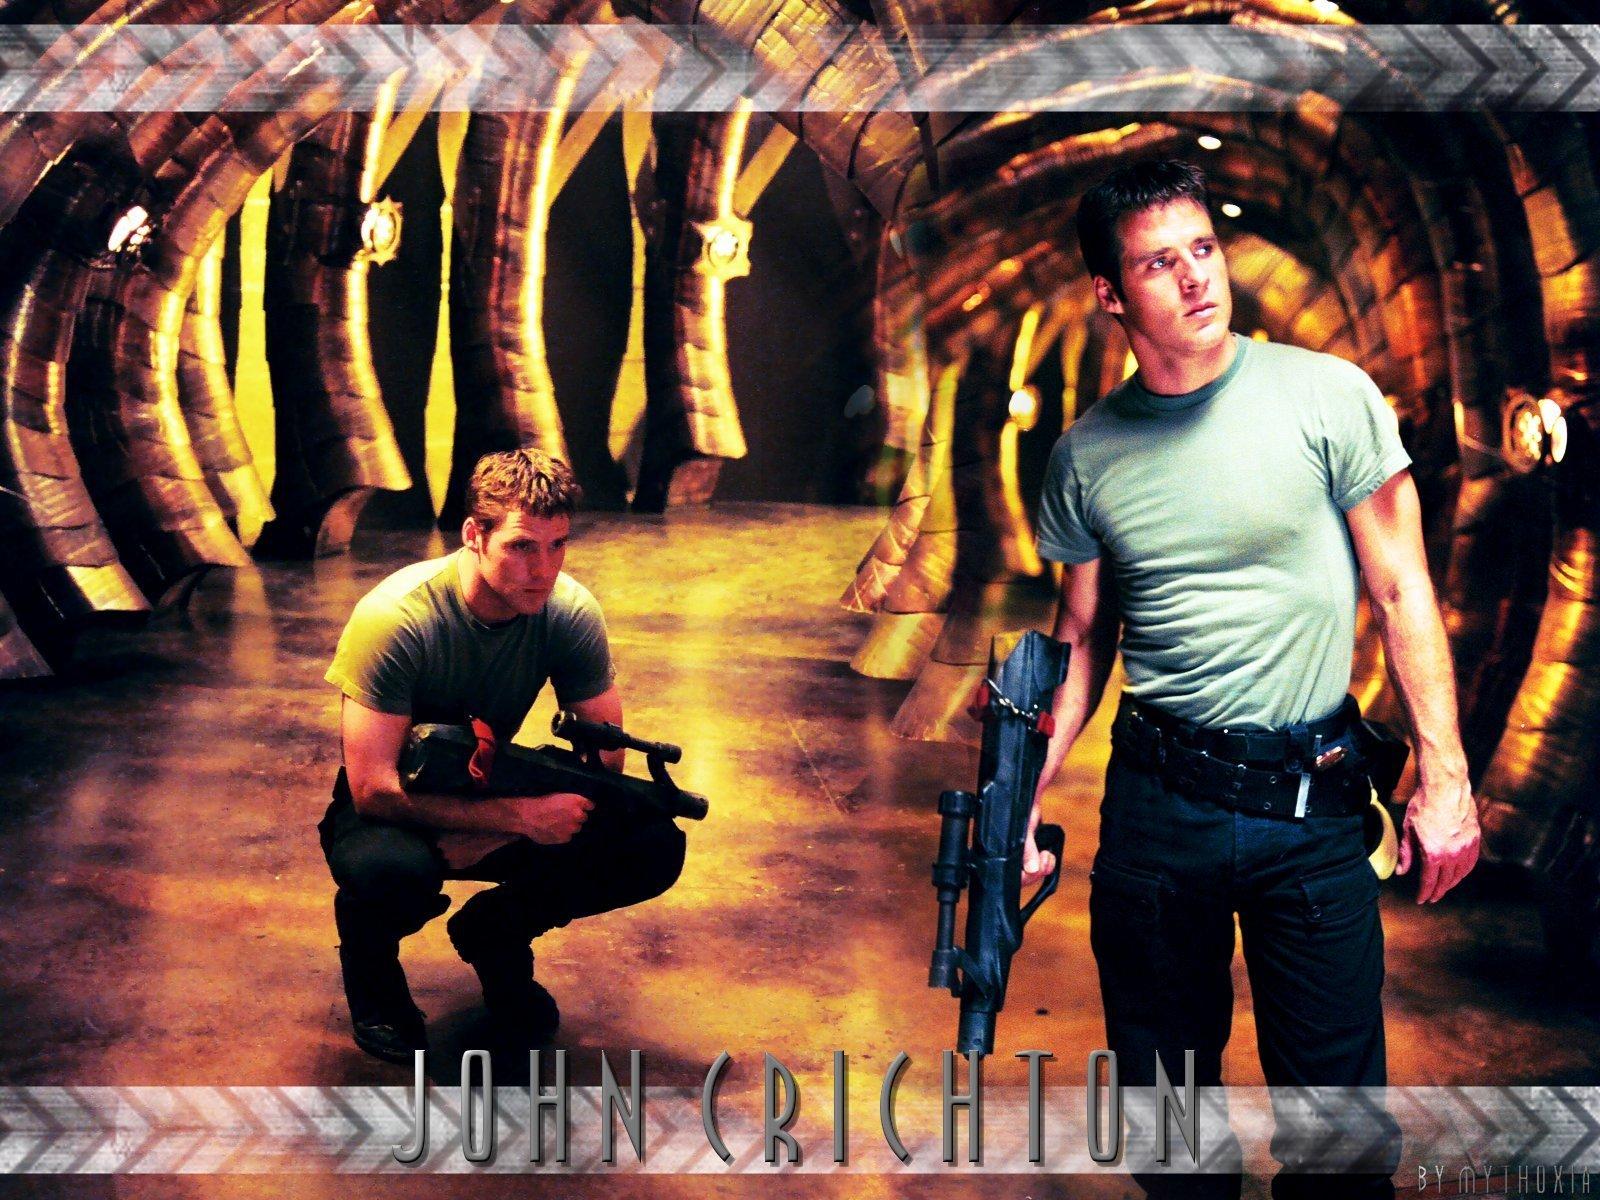 John Crichton S1